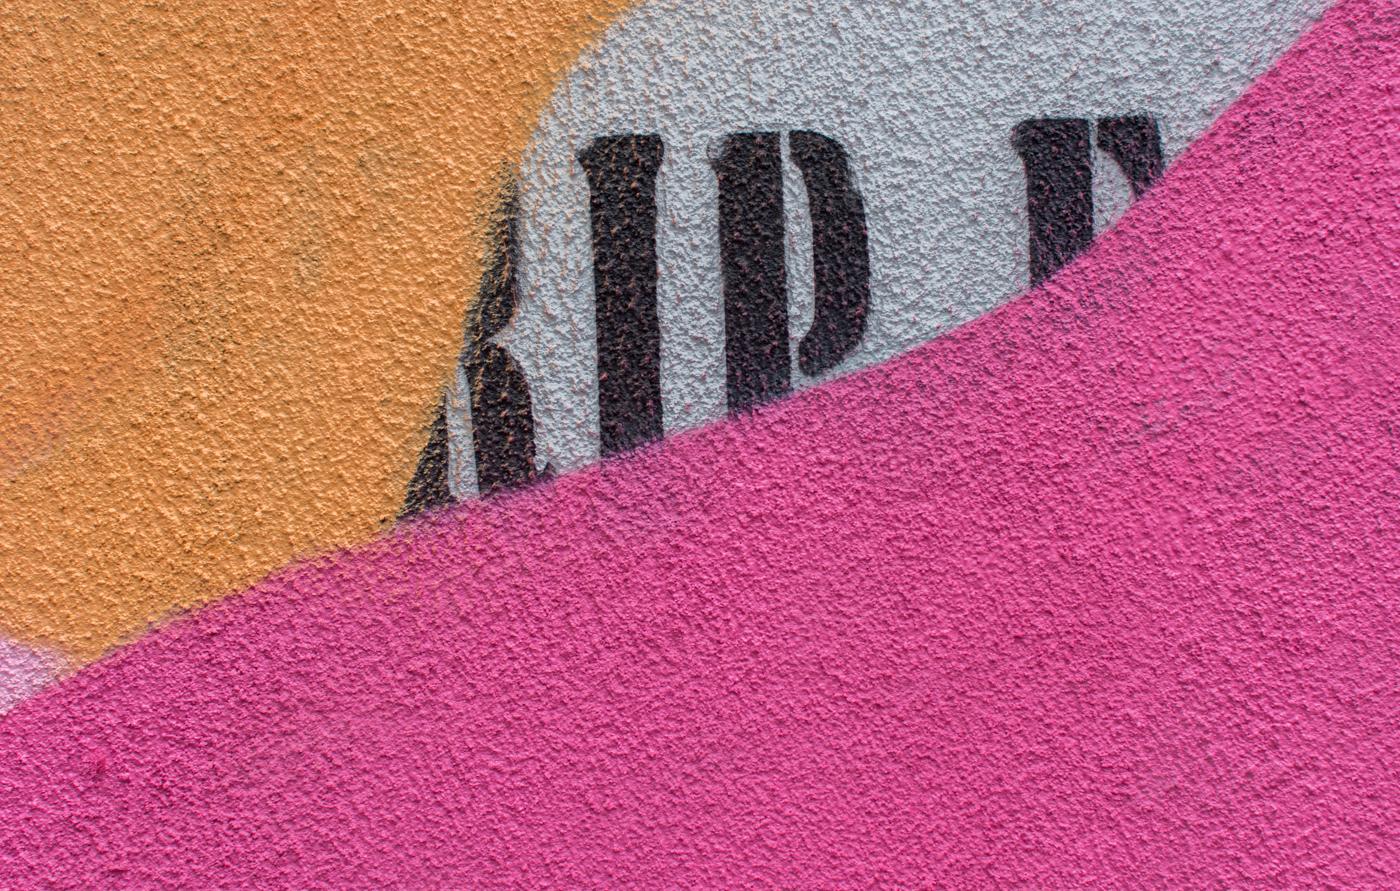 Grip Face - MurosTabacalera by Guillermo de la Madrid - Madrid Street Art Project -002.jpg